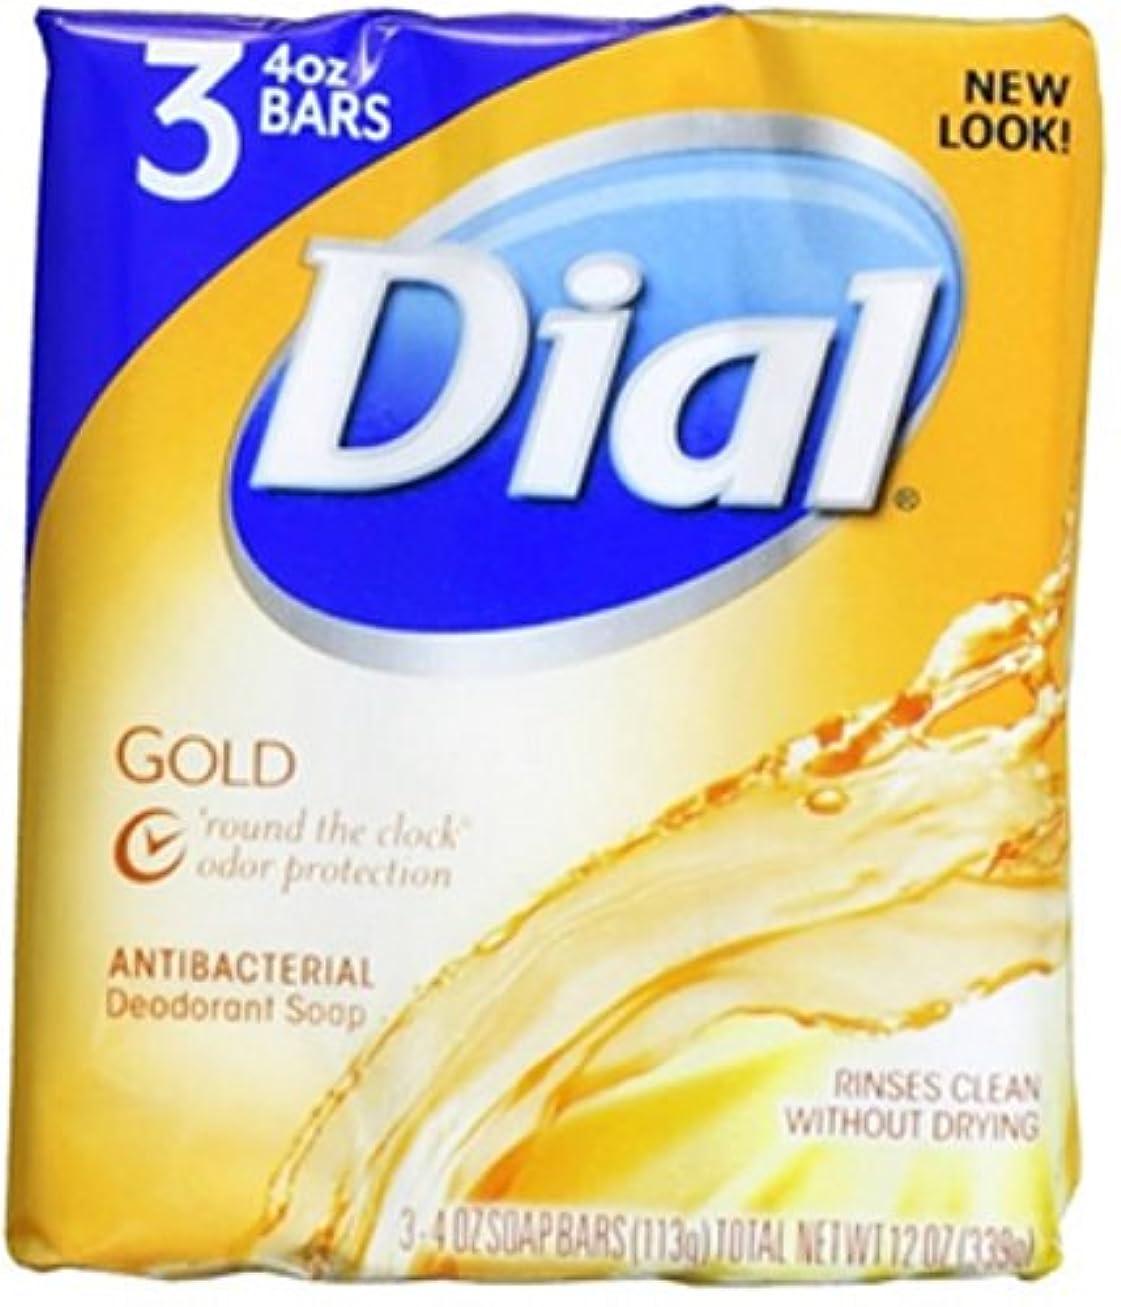 可能性帰る聖職者Dial 抗菌消臭石鹸バー、ゴールド、4つのオズバー、3 Eaは(6パック)